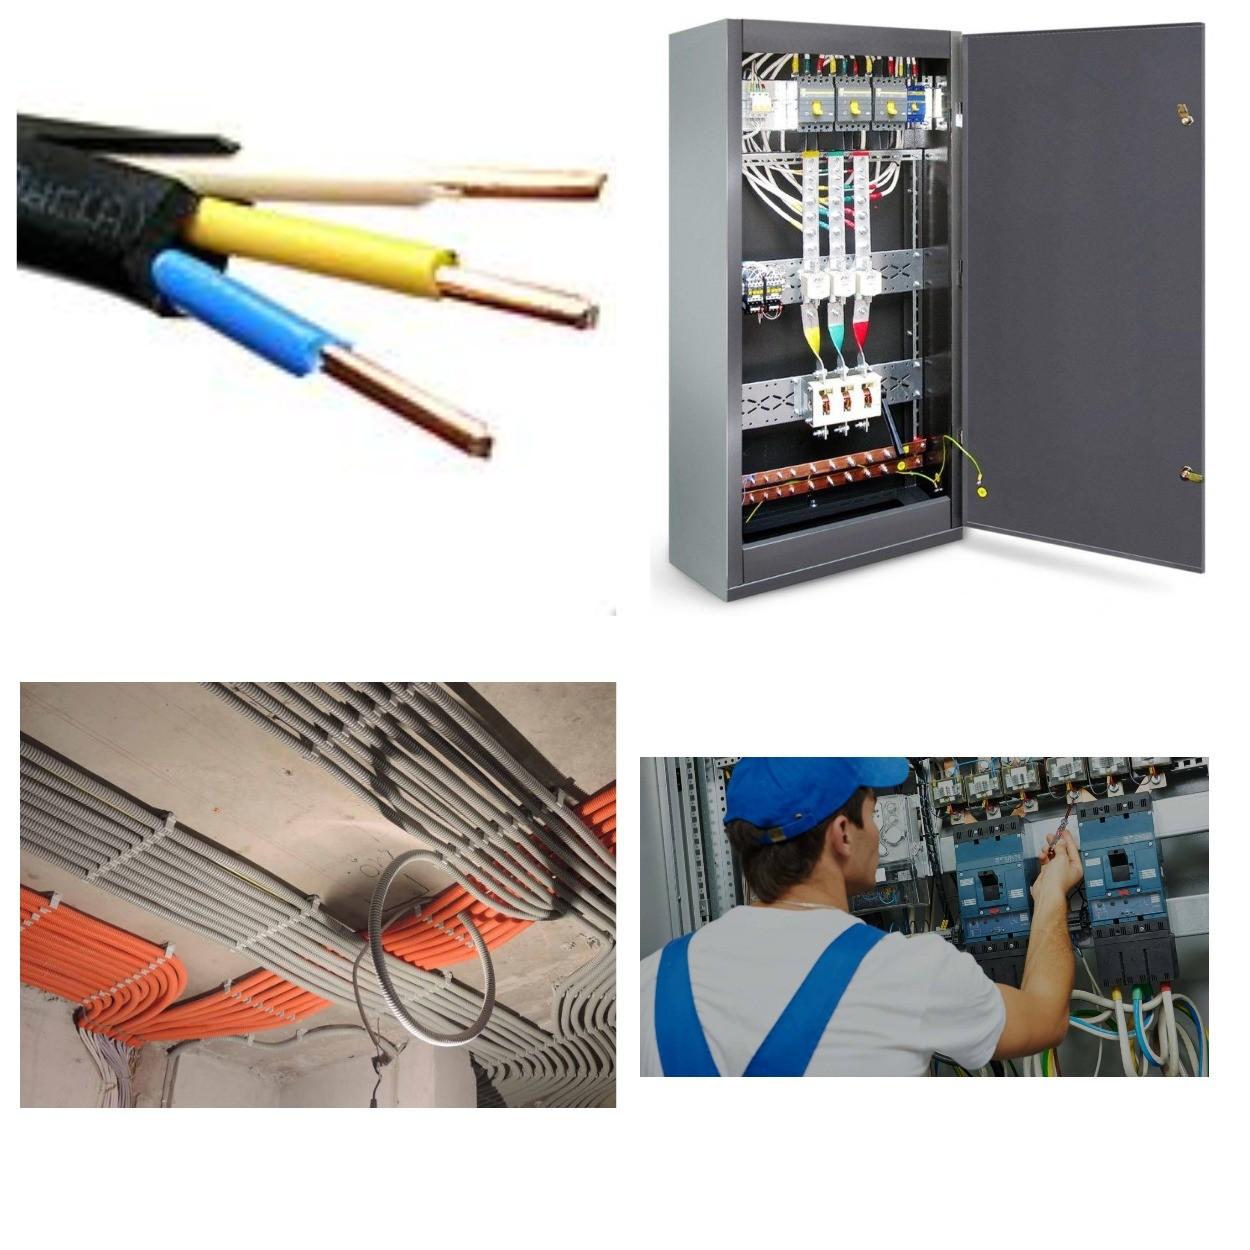 изображение техобслуживания линий освещения участка